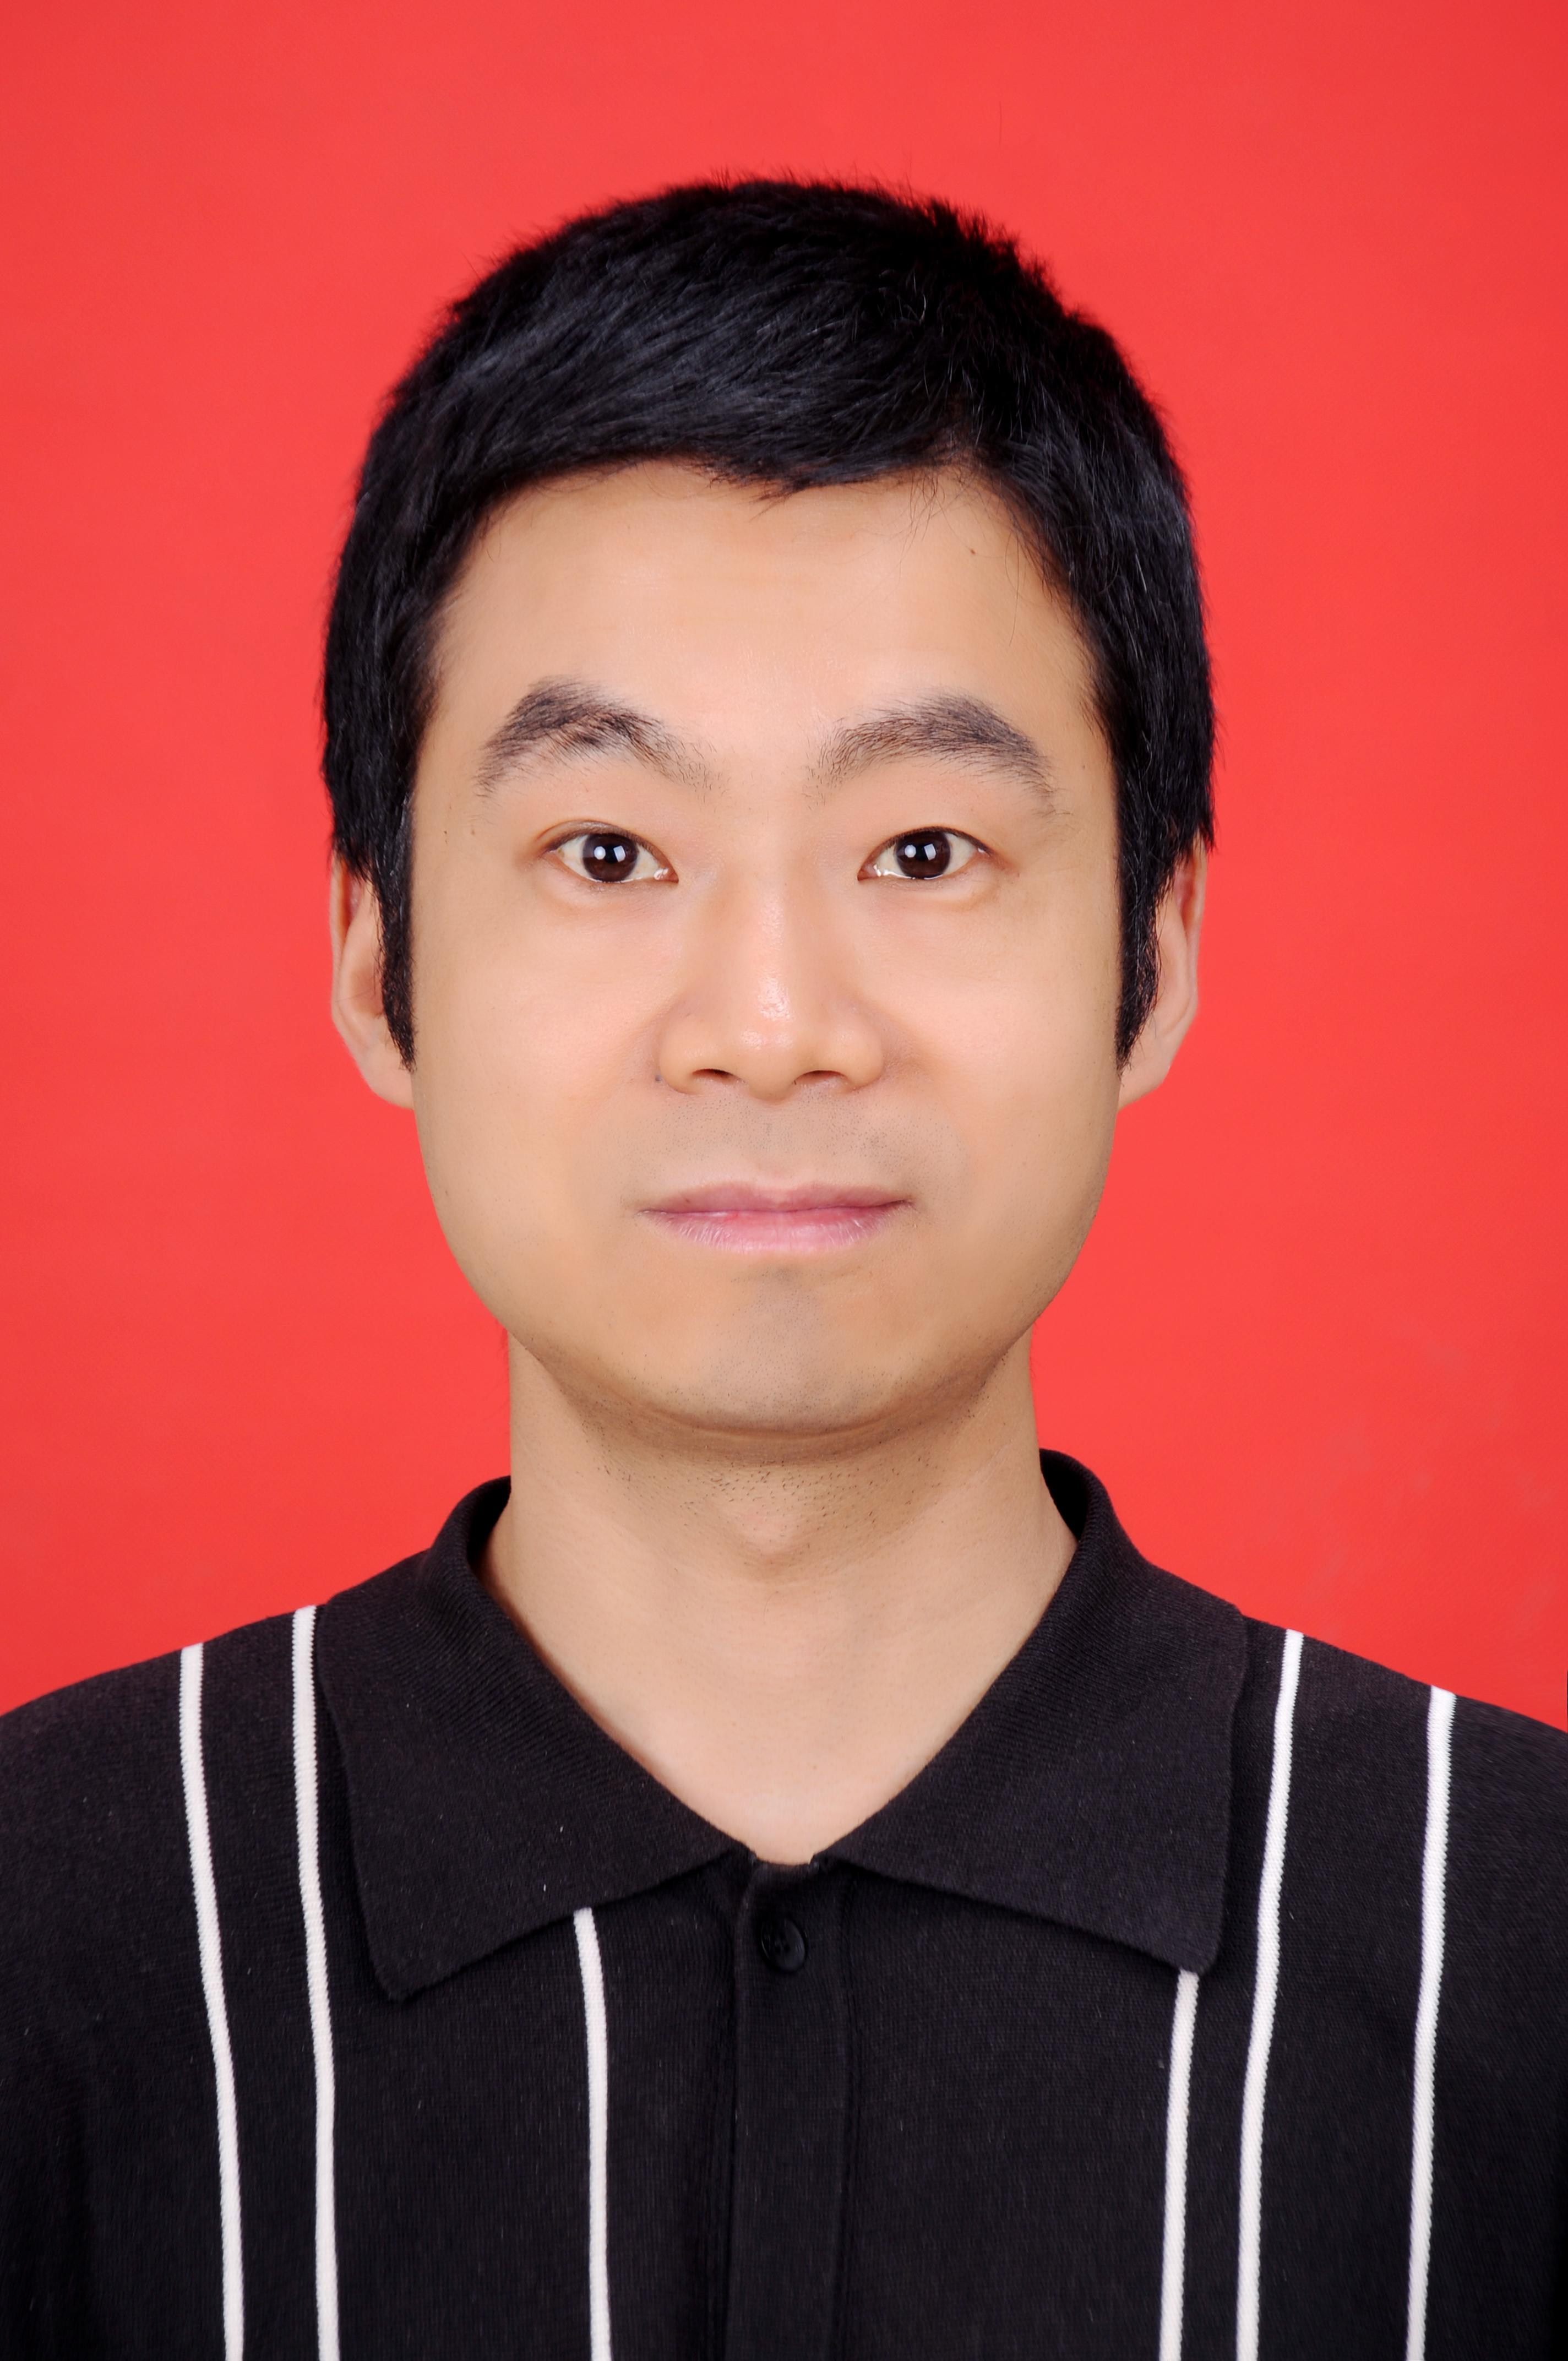 姜军涛-1-证件照.JPG